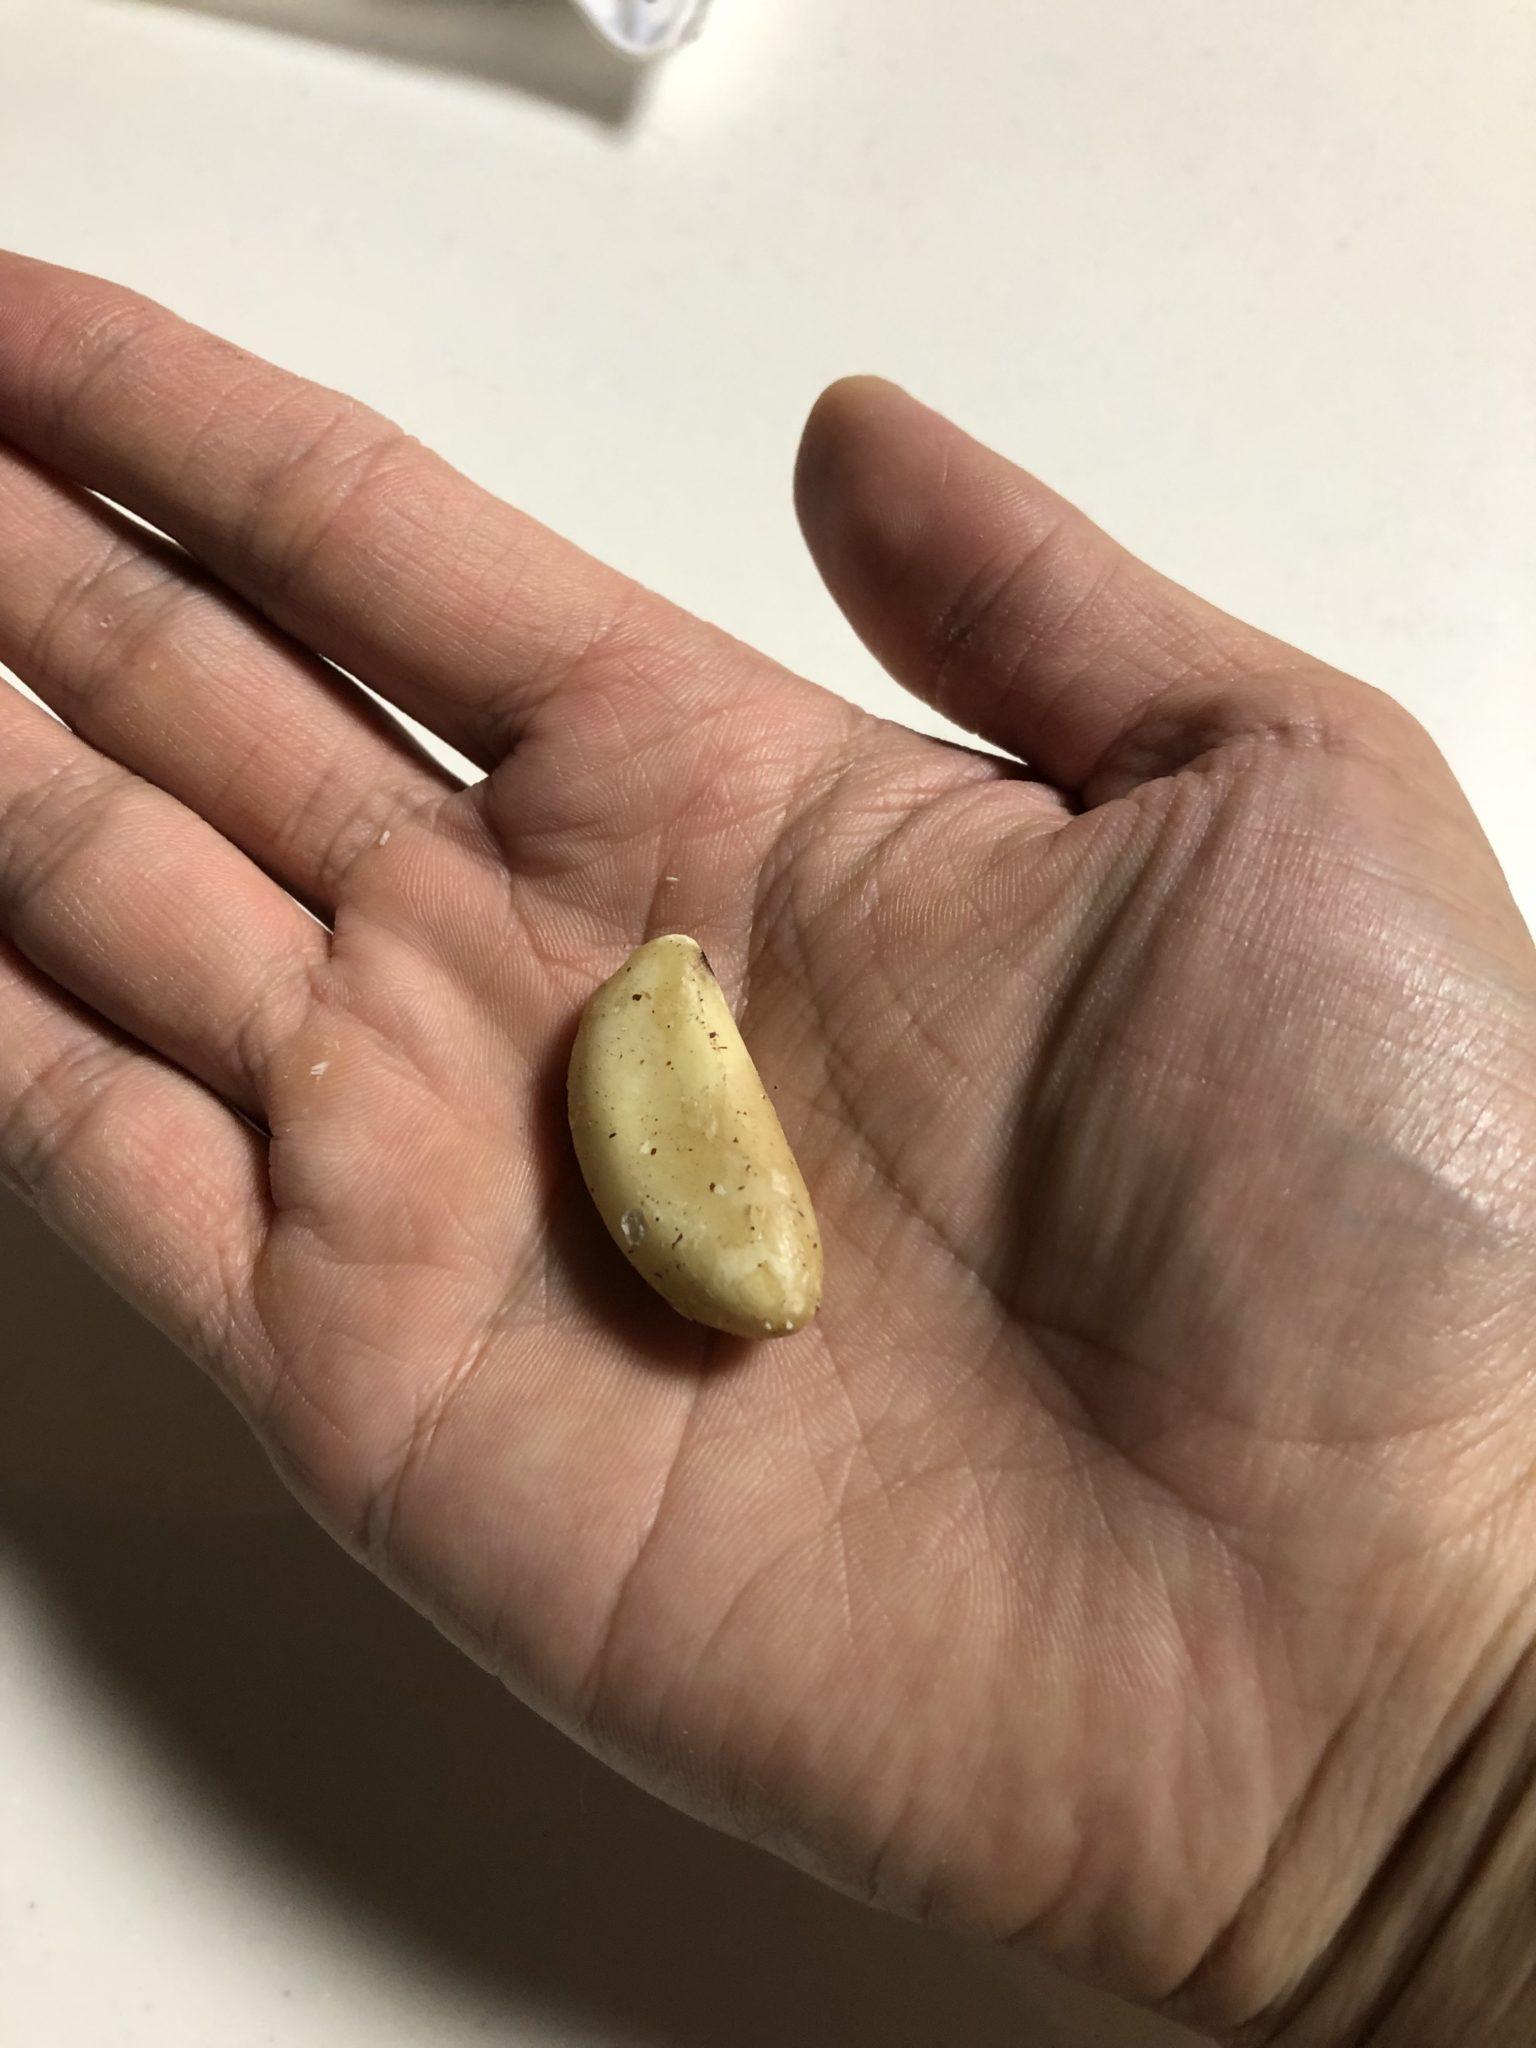 ブラジルナッツ